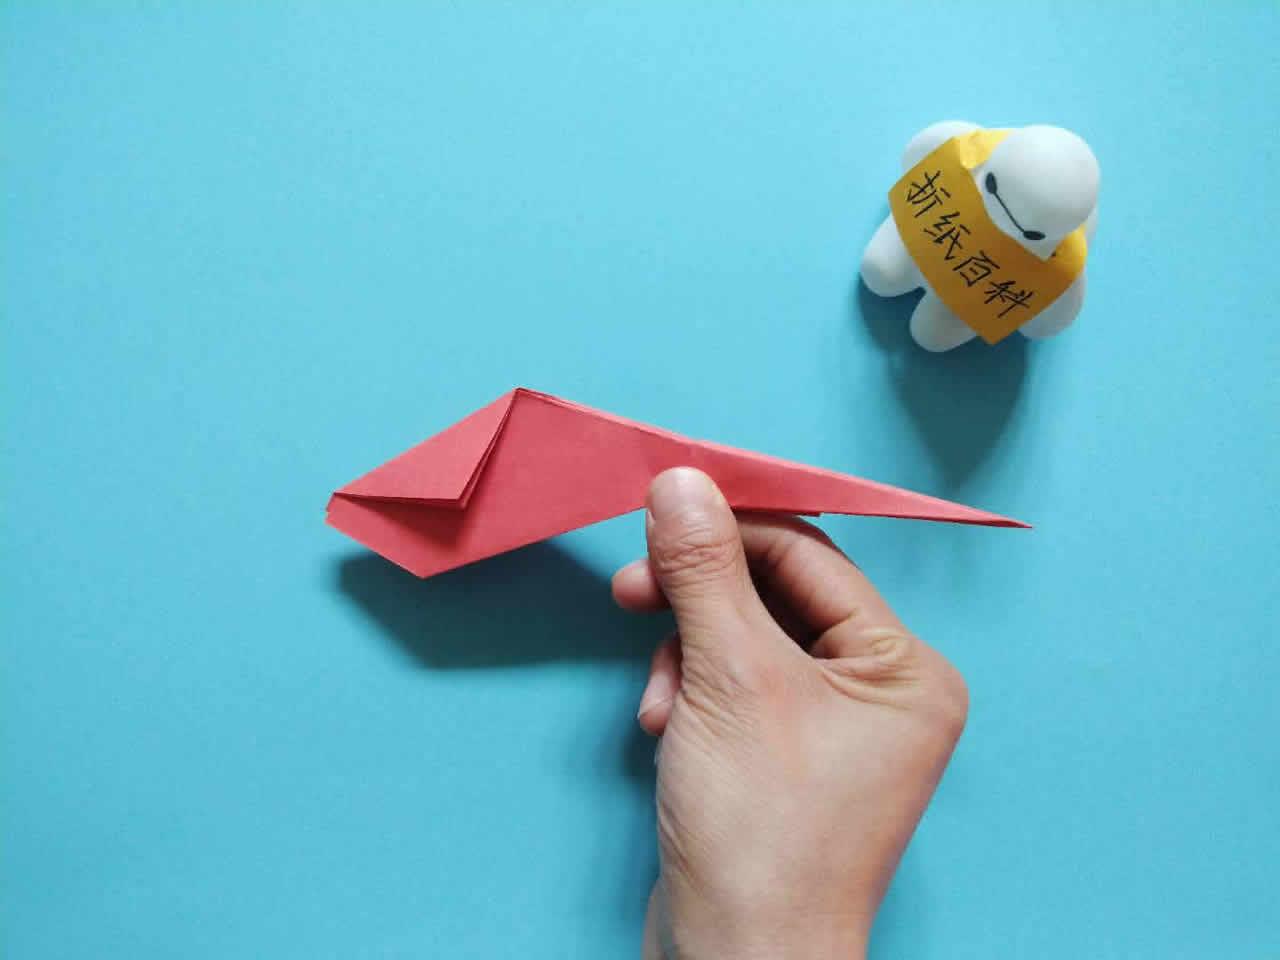 能飞得很远的折纸飞机,简单几步就做好,手工DIY折纸图解教程 家务妙招 第9张